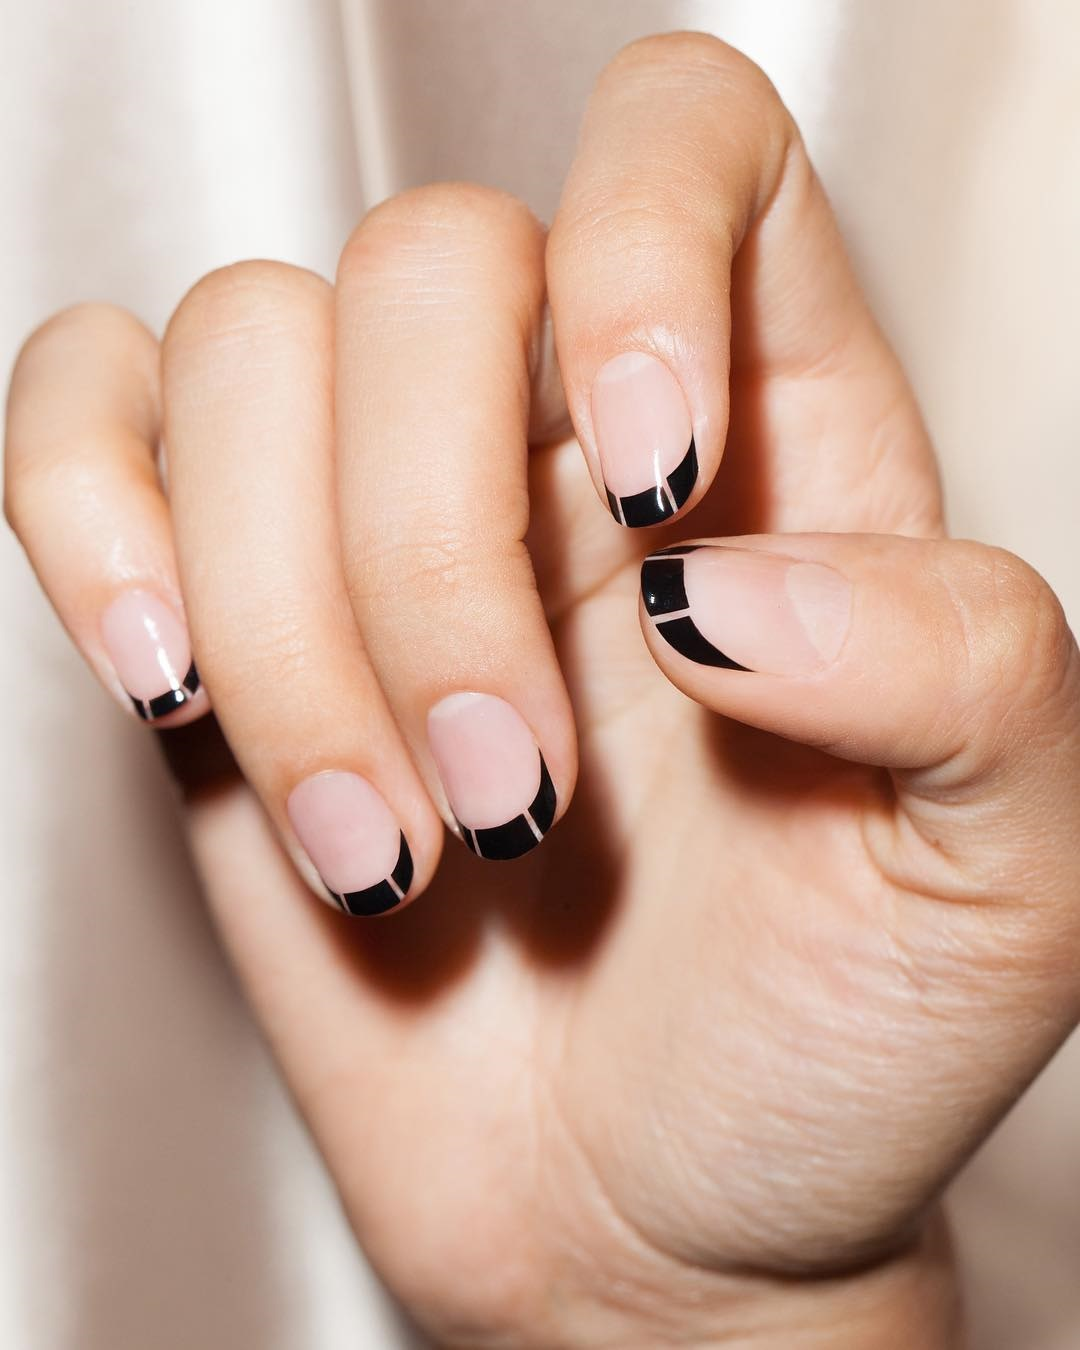 màu sơn móng tay đen thanh lịch